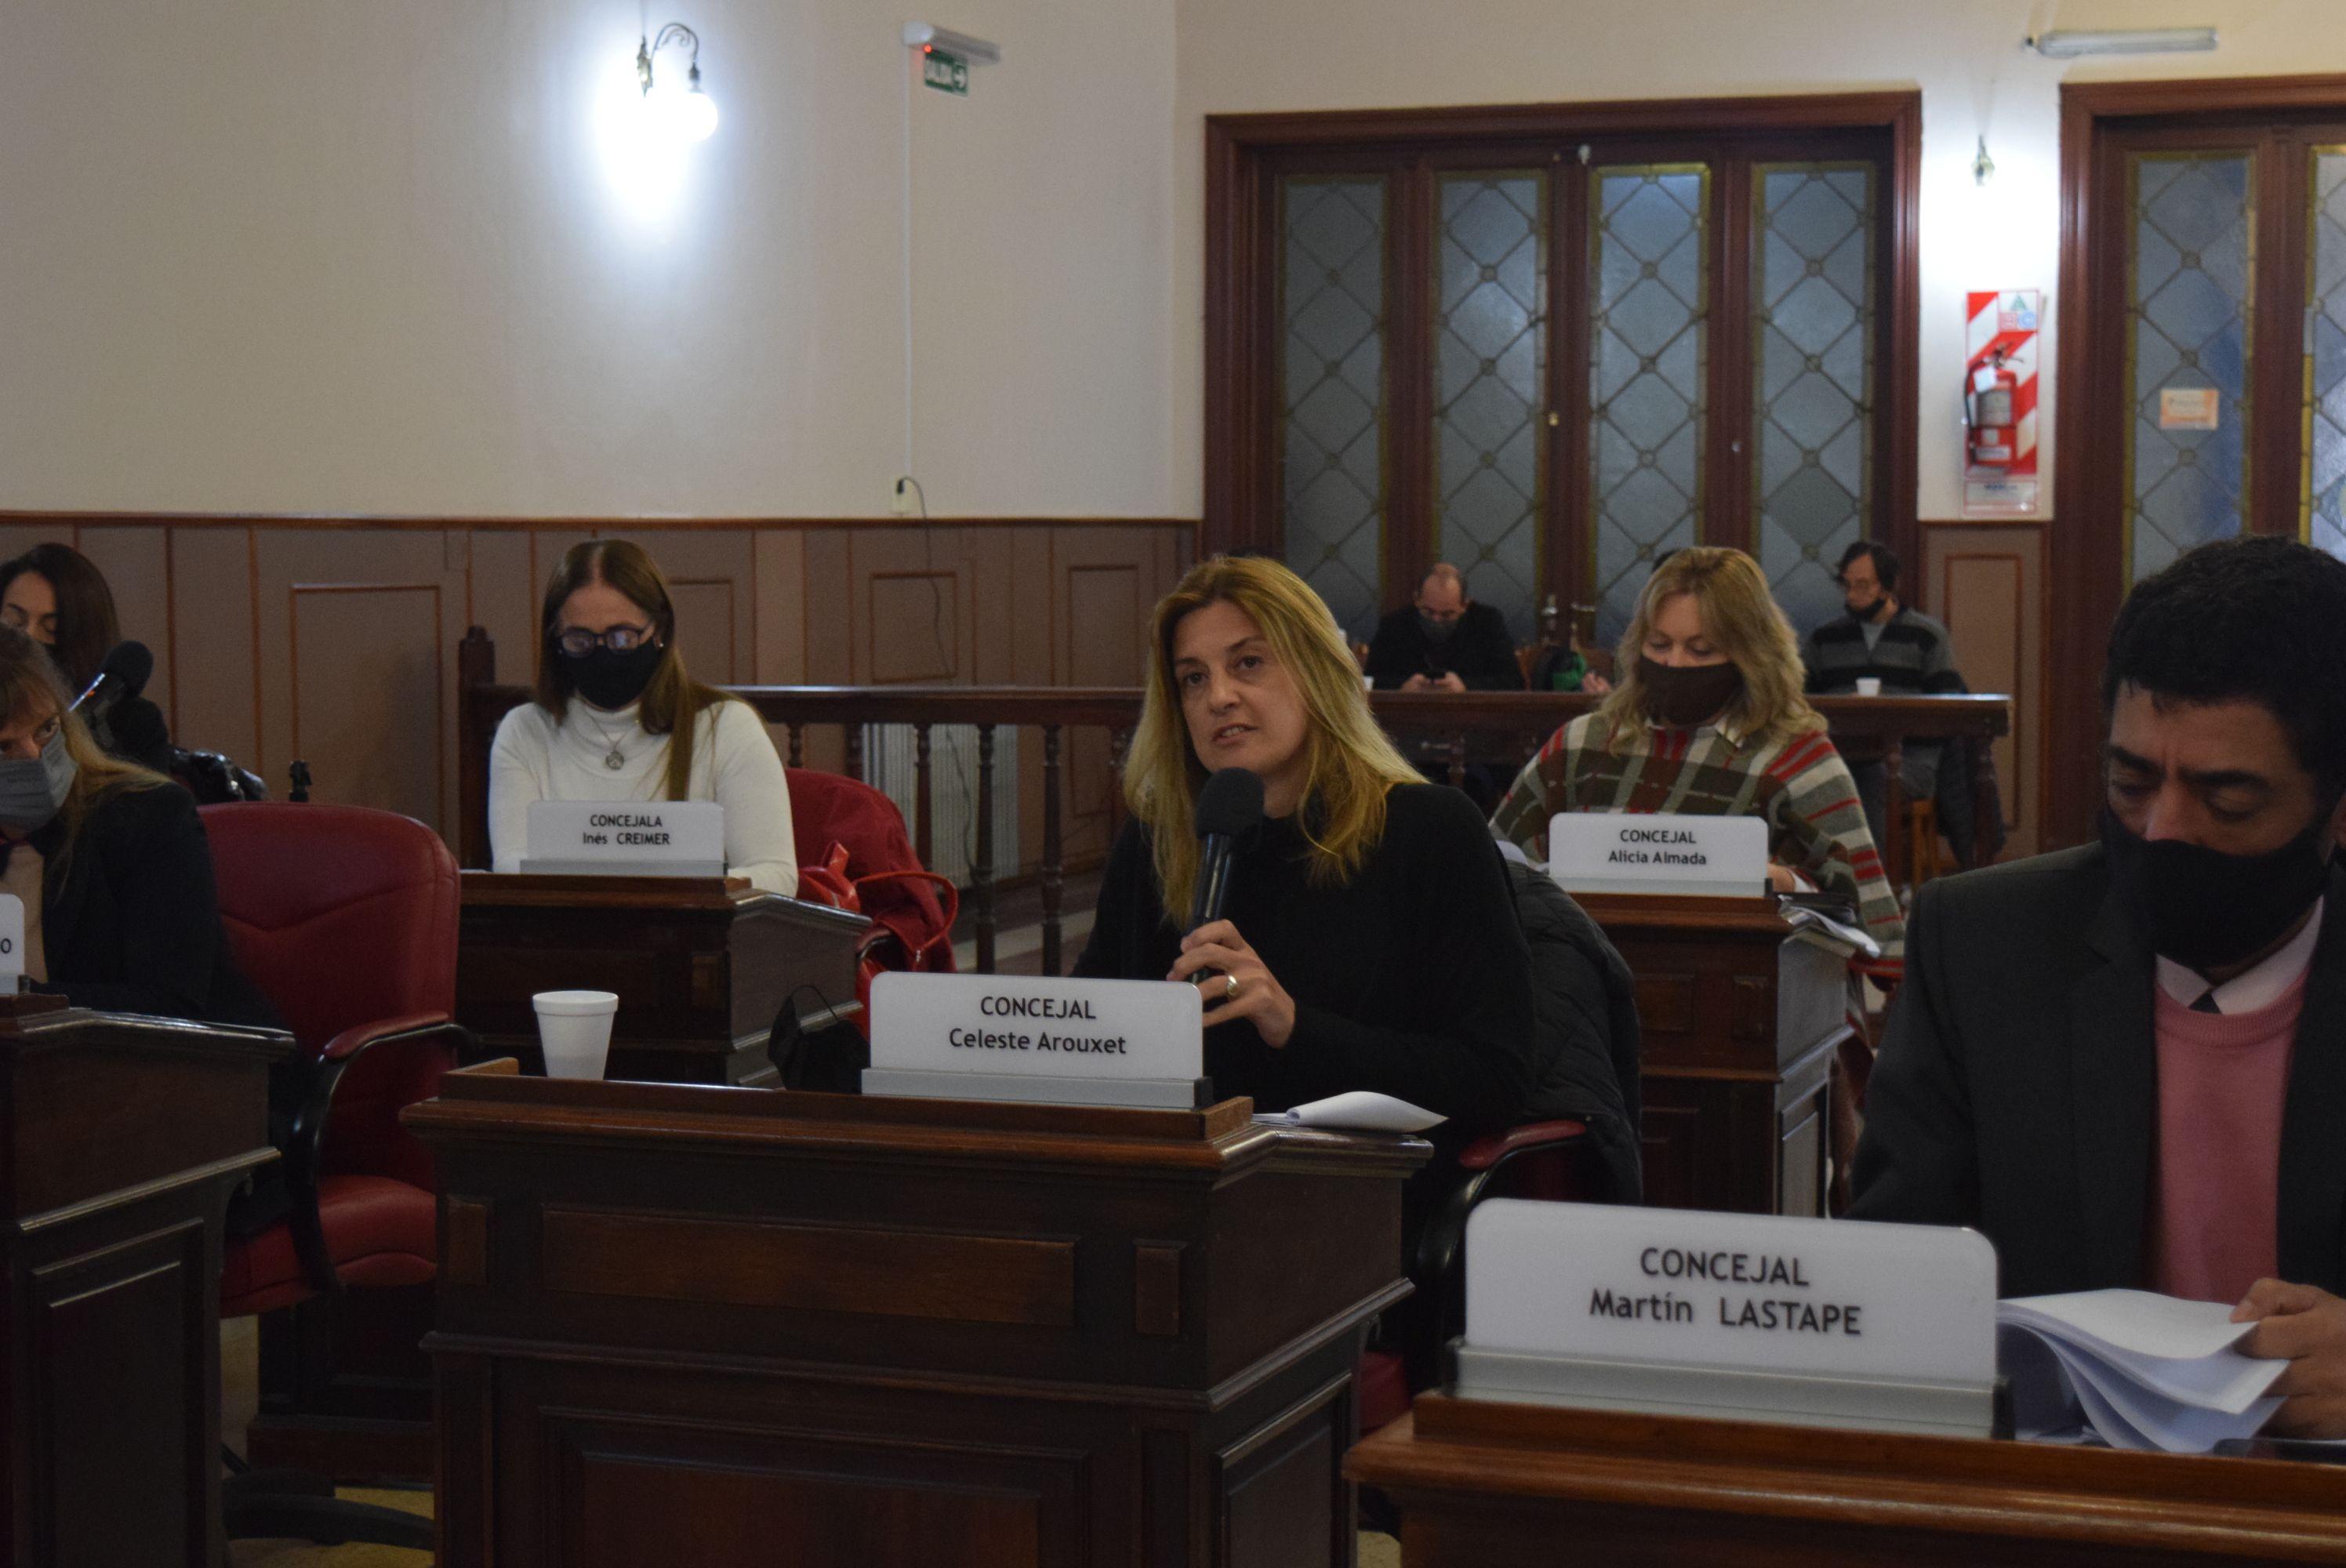 En Olavarría, la concejala Celeste Arouxet propusobajar los sueldos de concejales y crear un fondo para obras